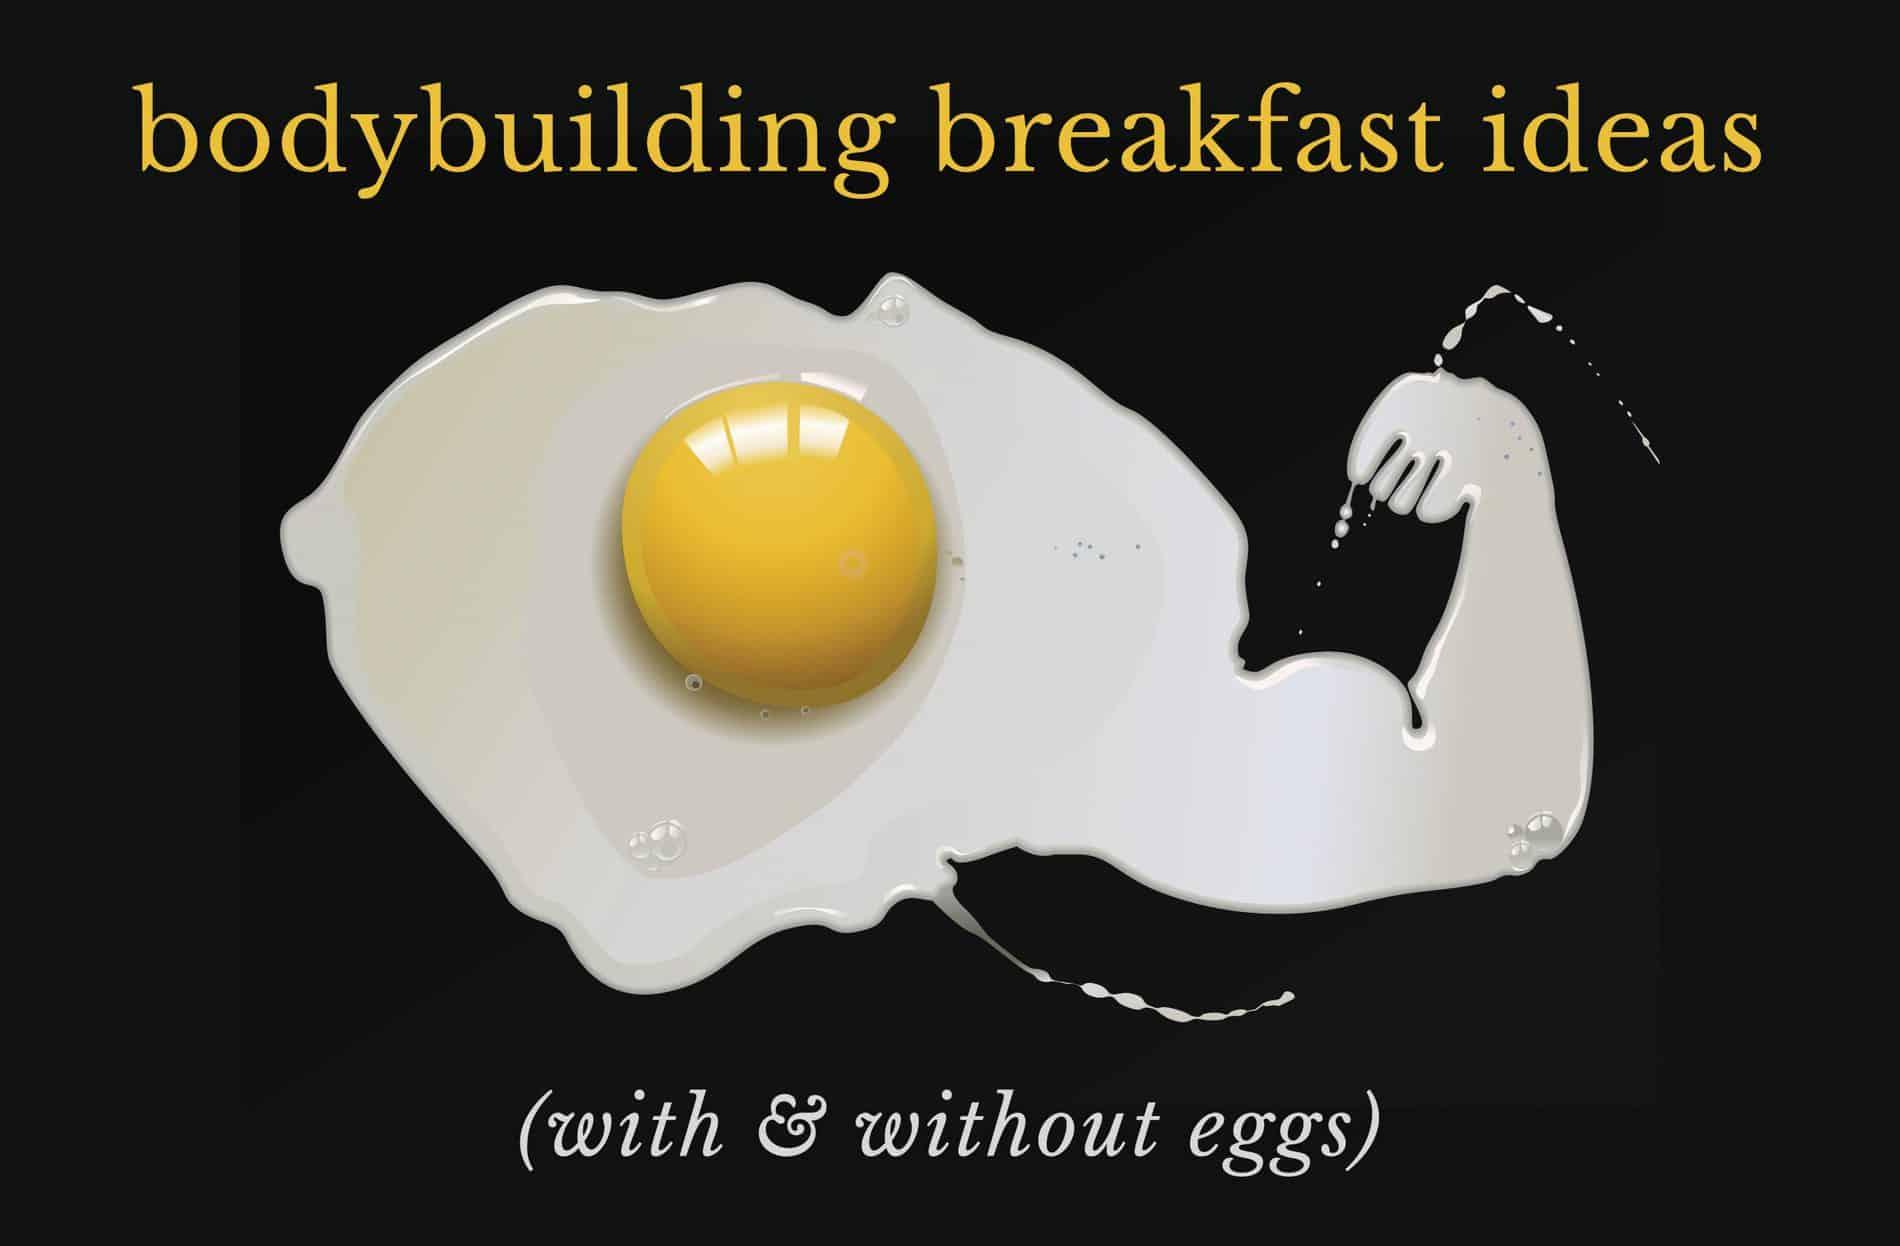 Bodybuilding Breakfast Ideas